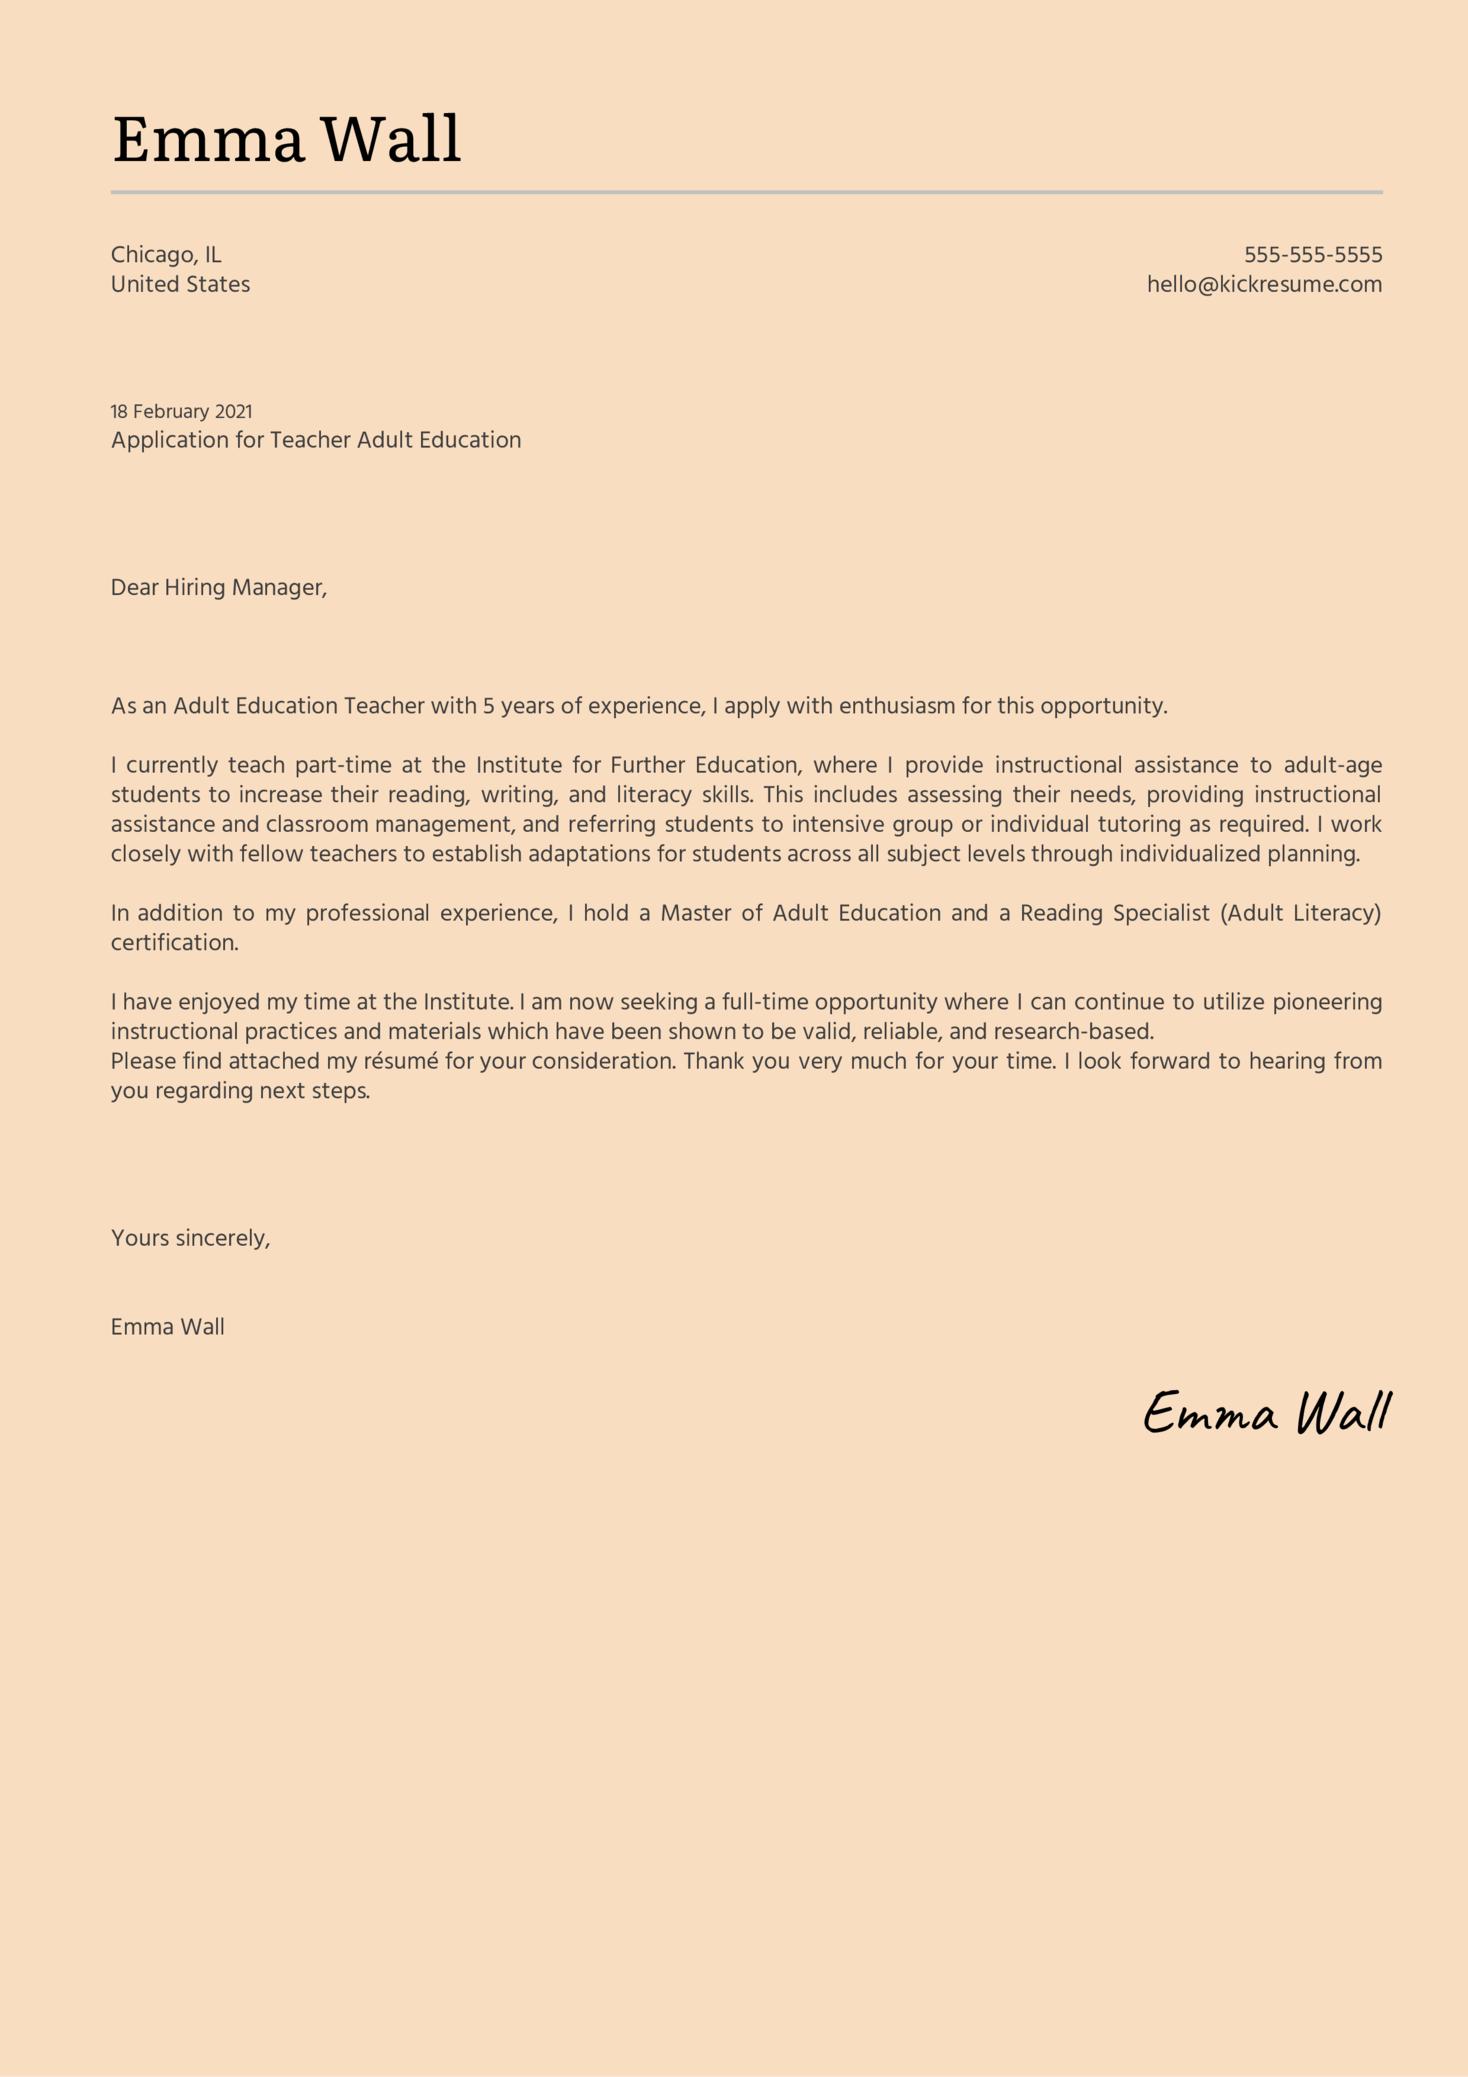 Teacher Adult Education Cover Letter Sample